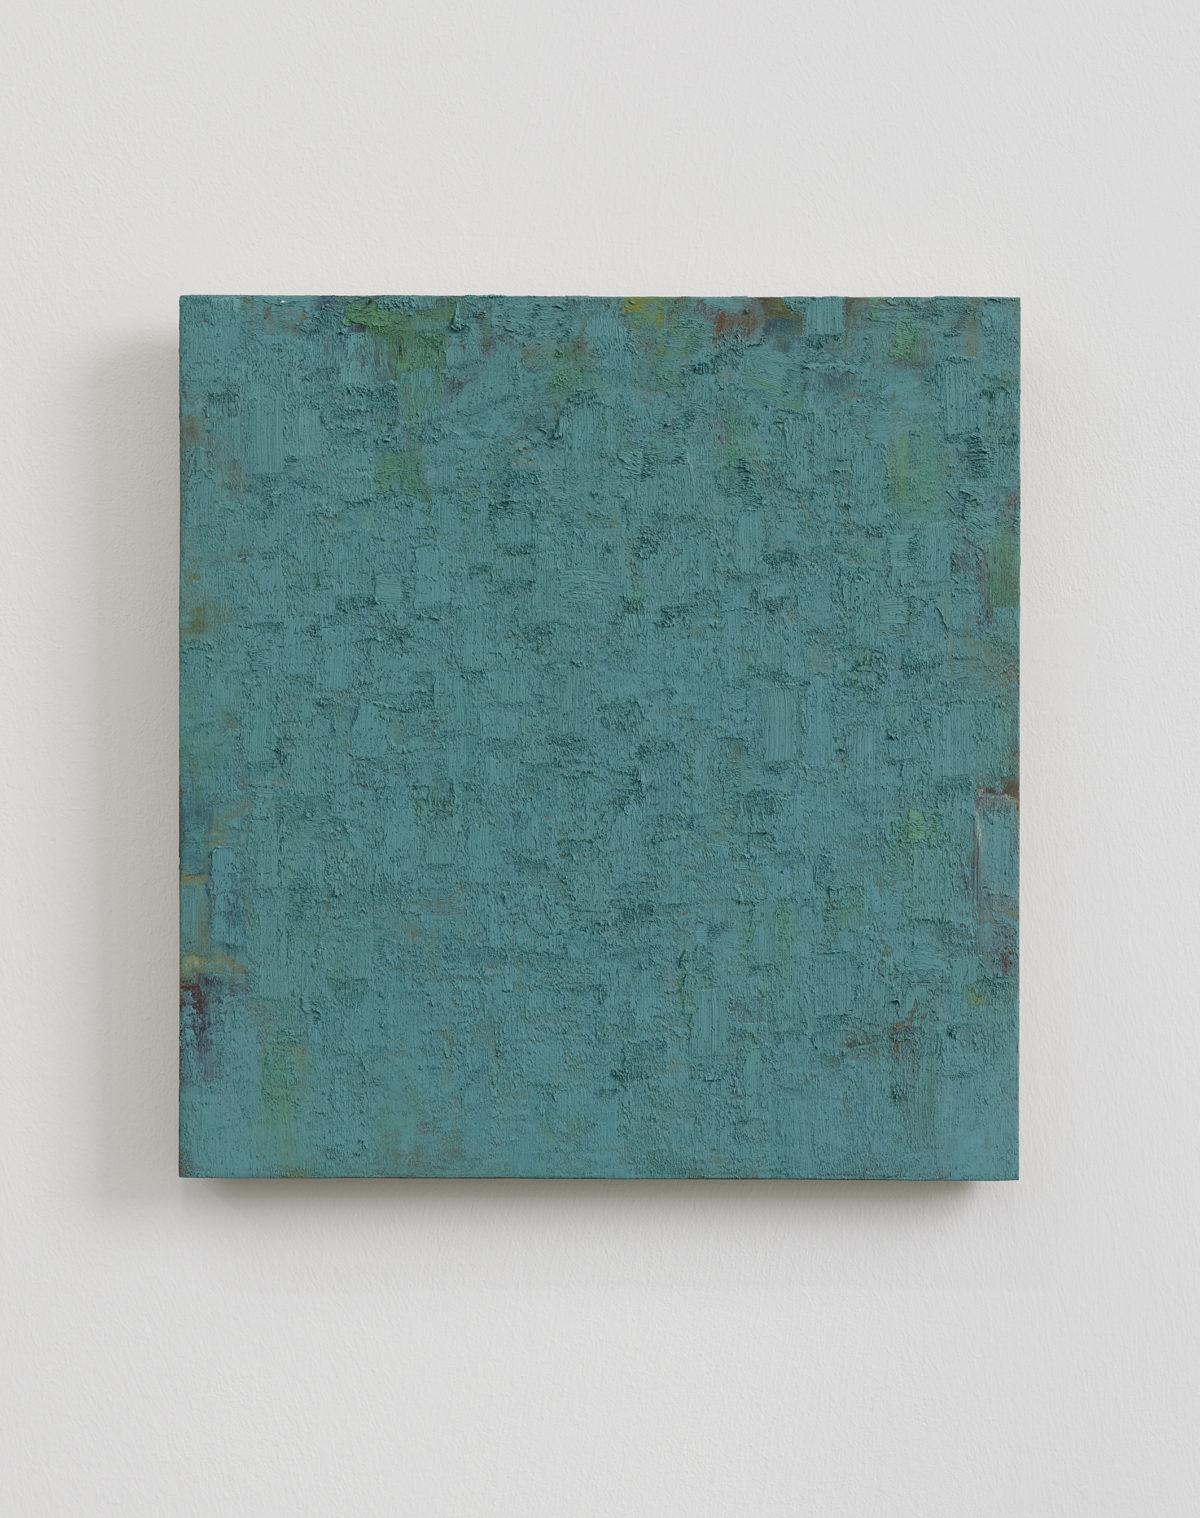 Peter Tollens rot grün türkis 2010 Öl auf Holz 37 x 35 cm